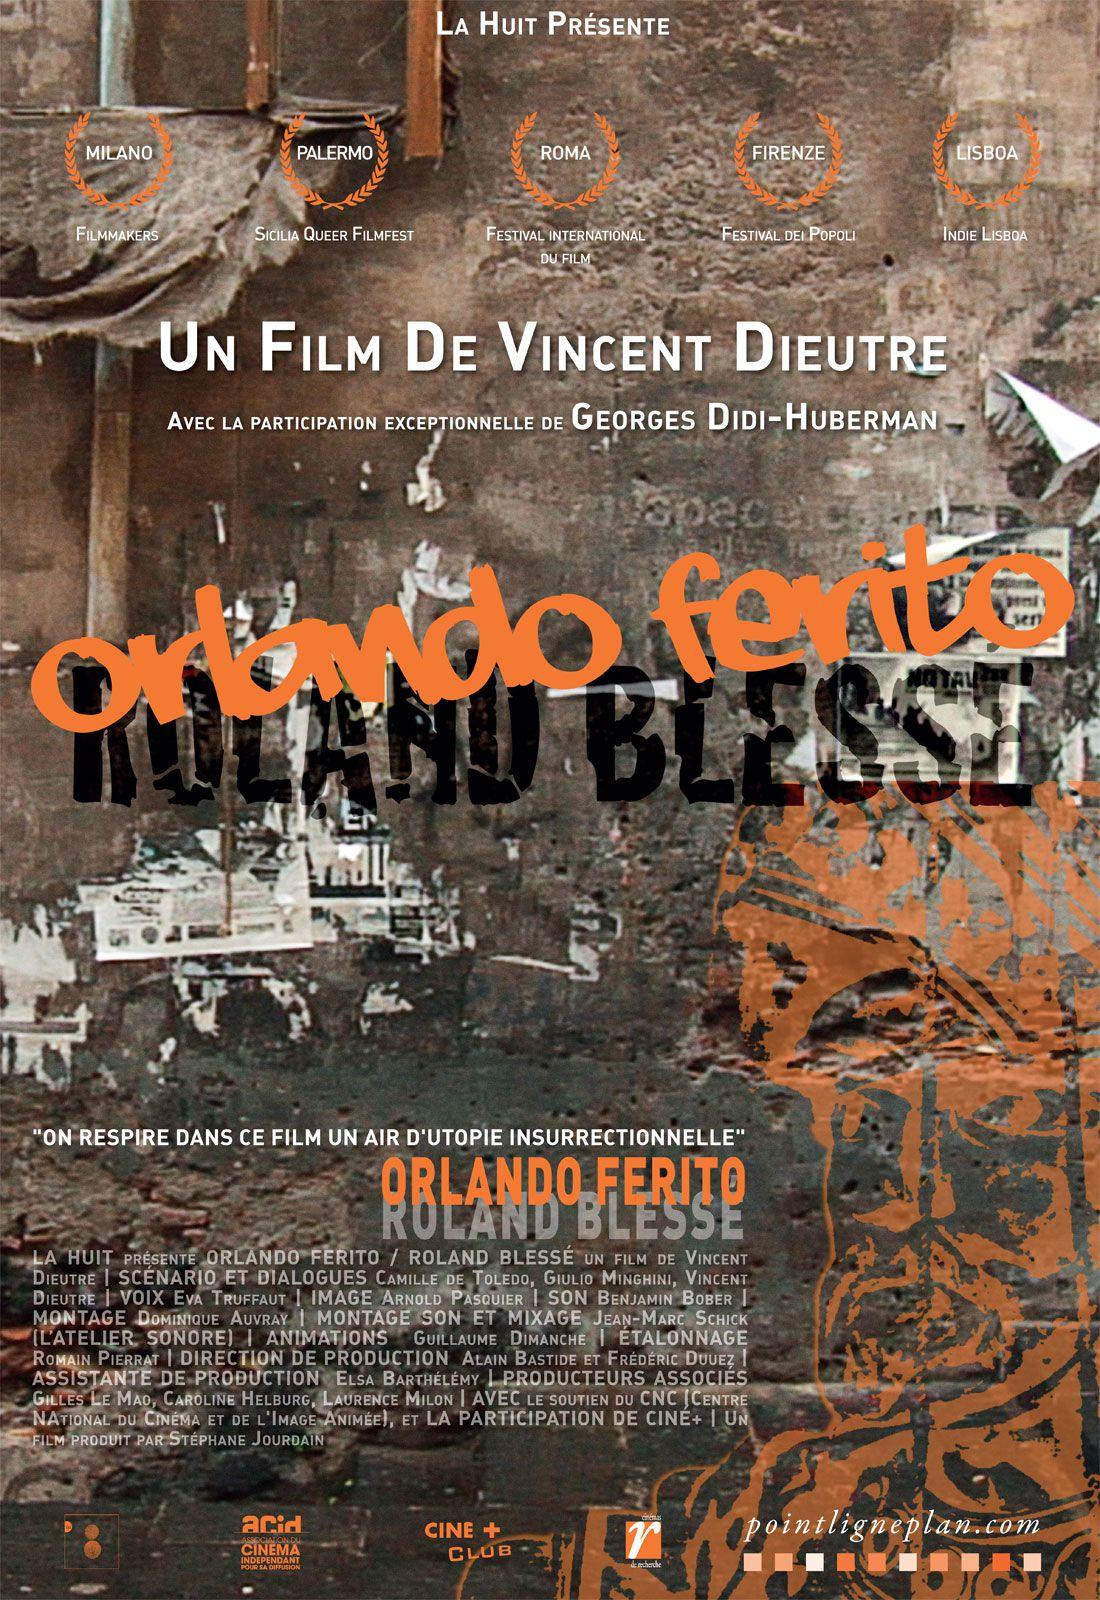 Orlando Ferito - Documentaire (2015)